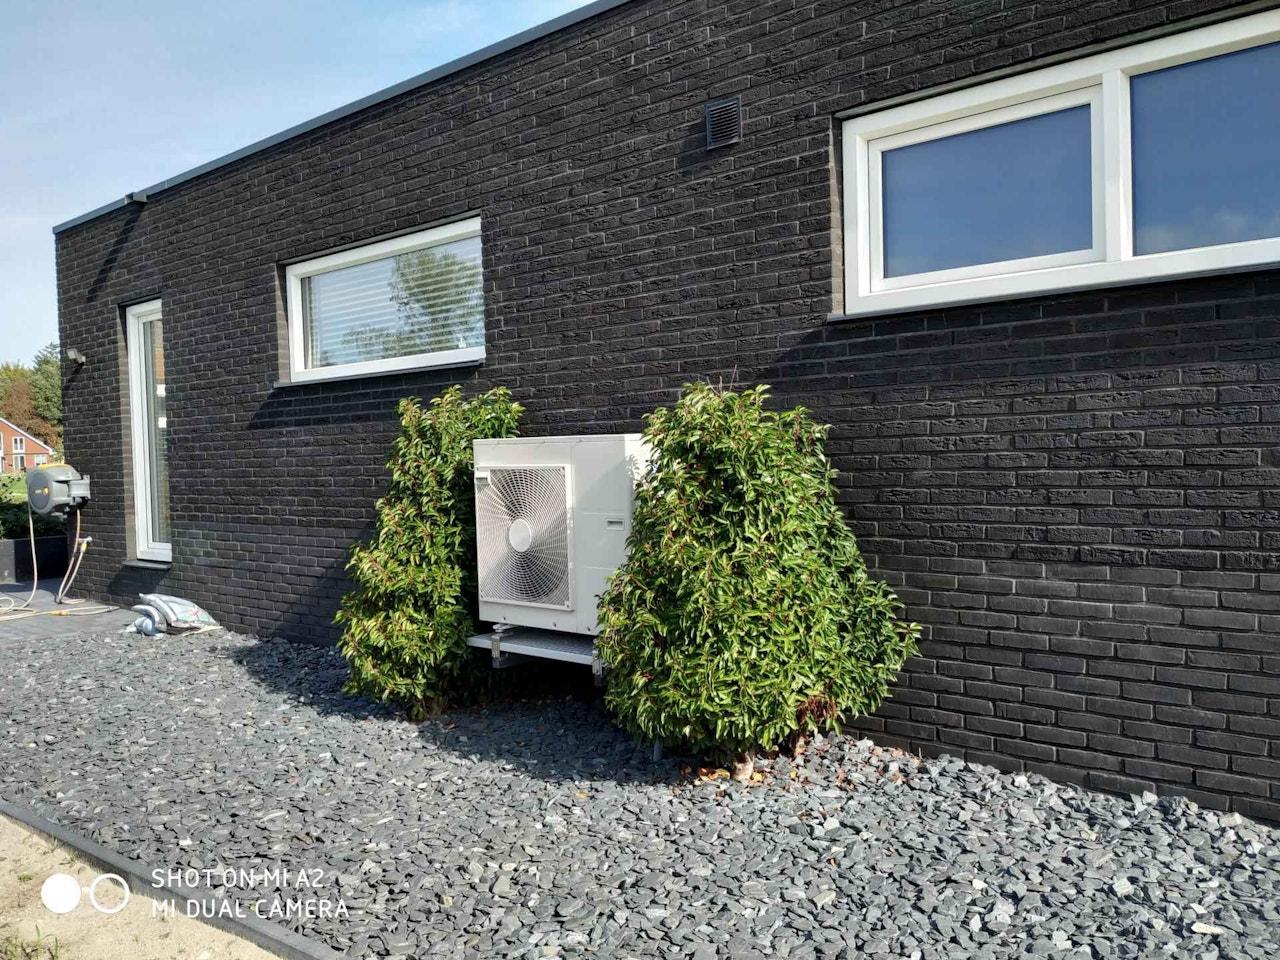 Afbeelding van een warmtepomp die geïnstalleerd is bij een woning